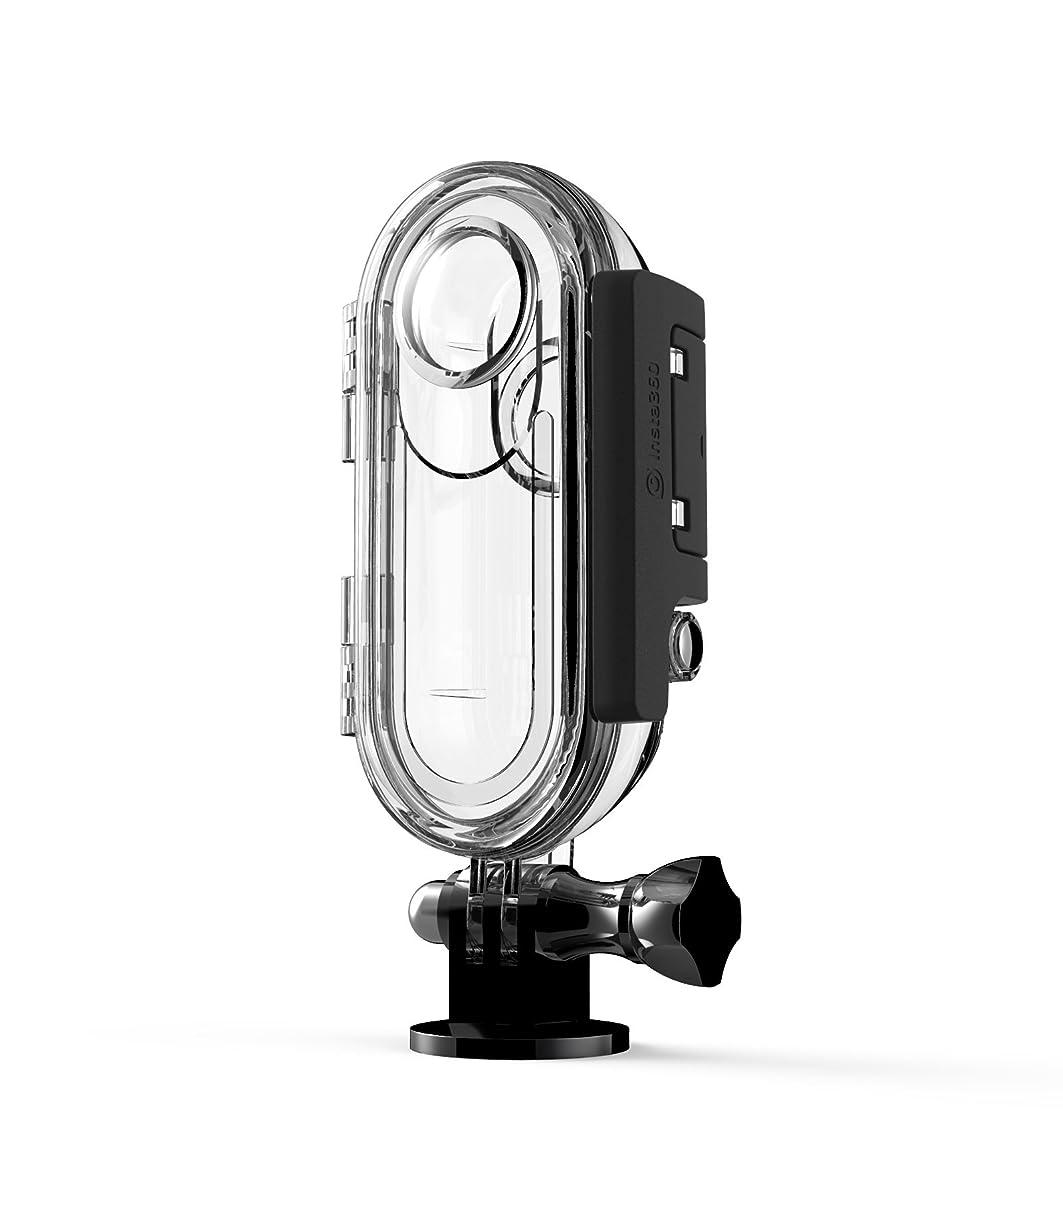 プロフェッショナル霧アスリートInsta360 ONEオプション 防水ハウジングケース CM412 Insta360 ONE Waterproof case 【国内正規品】